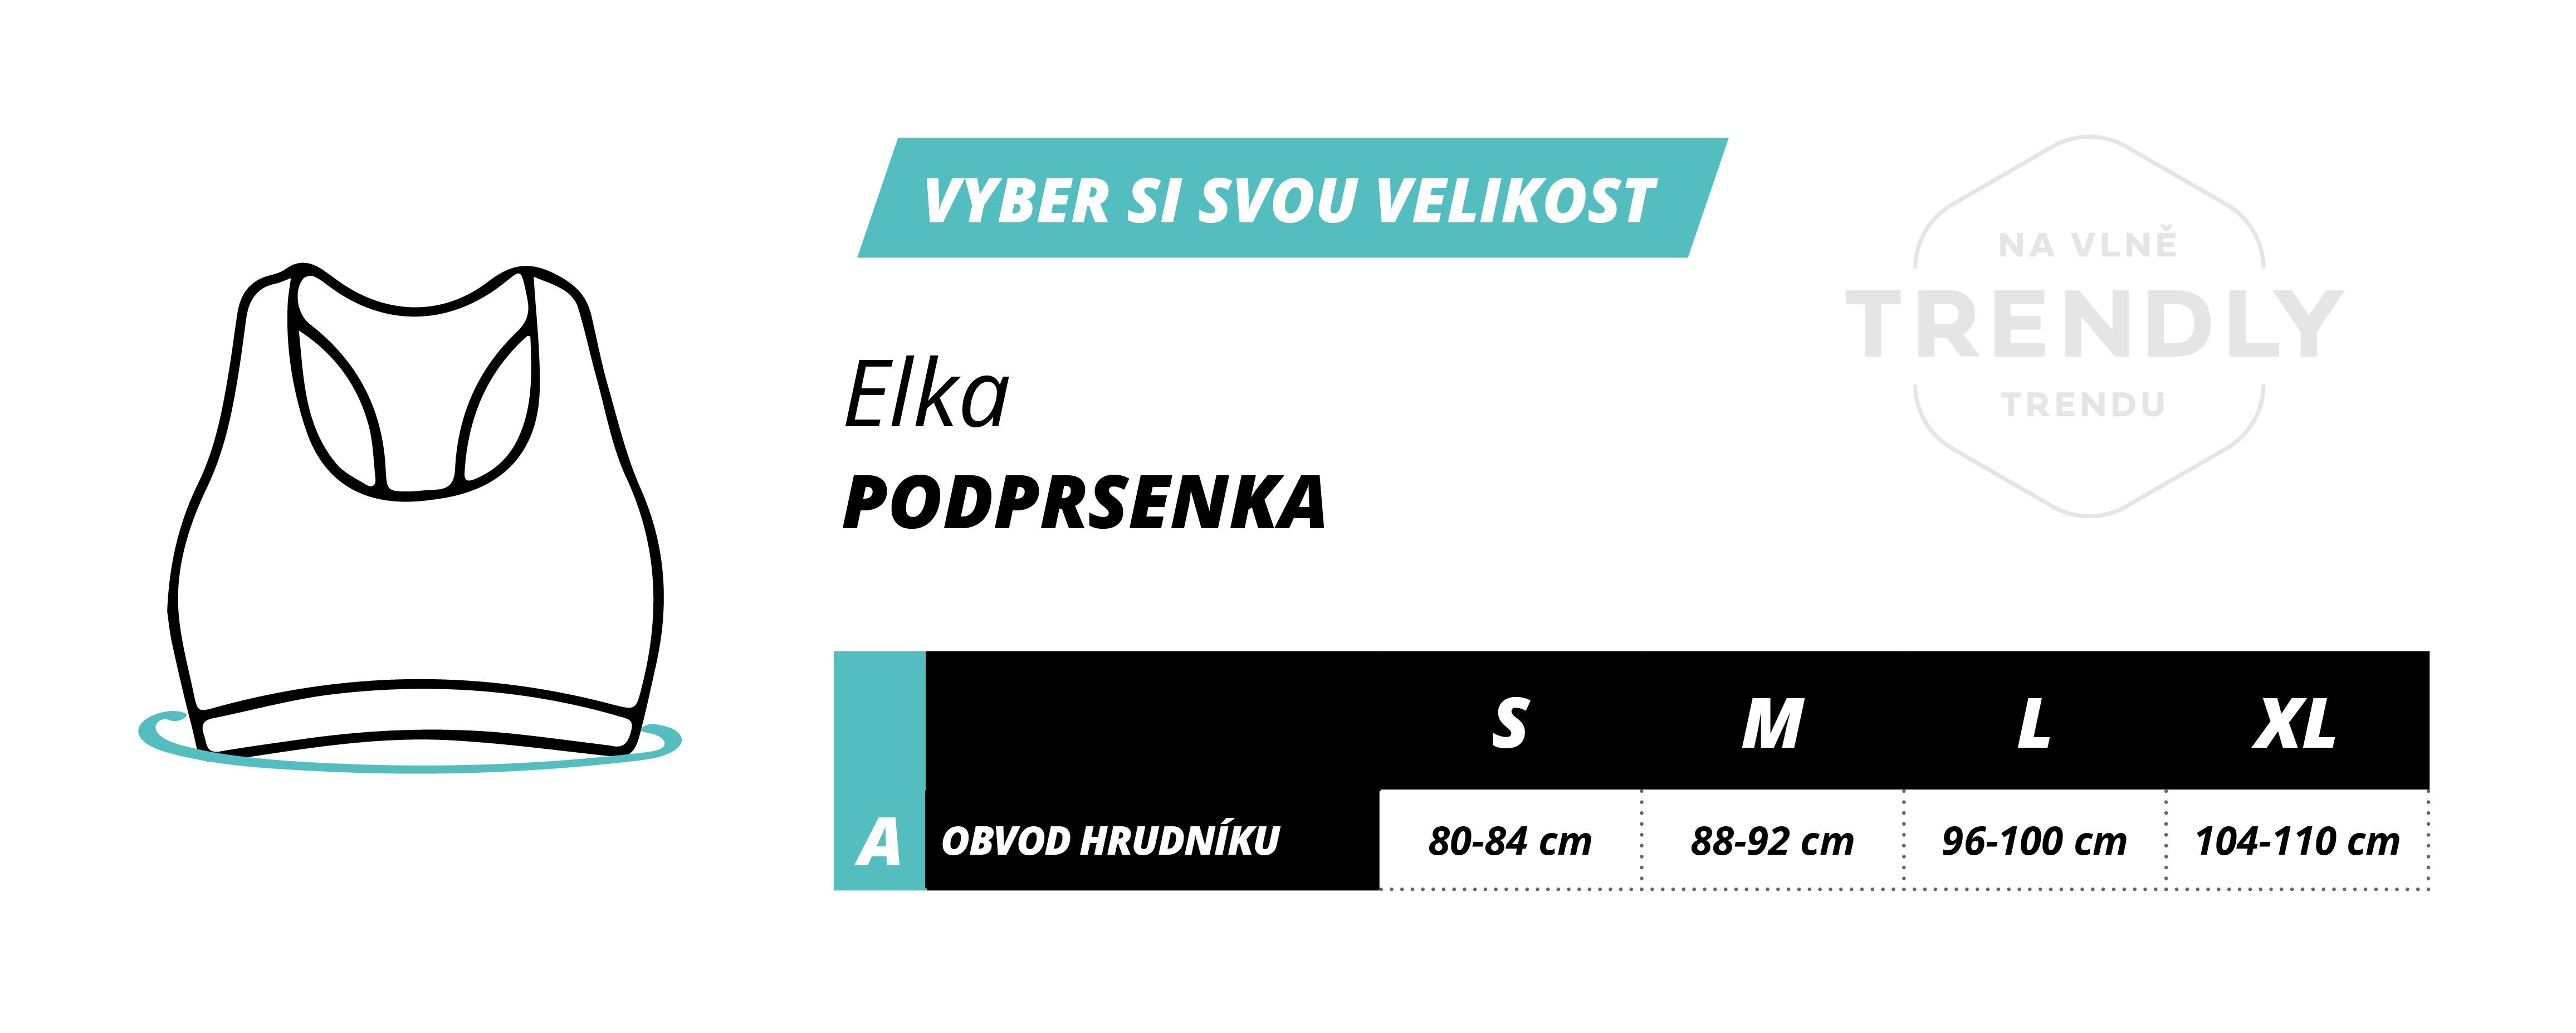 trendly_velikosti_podprsenka_elka